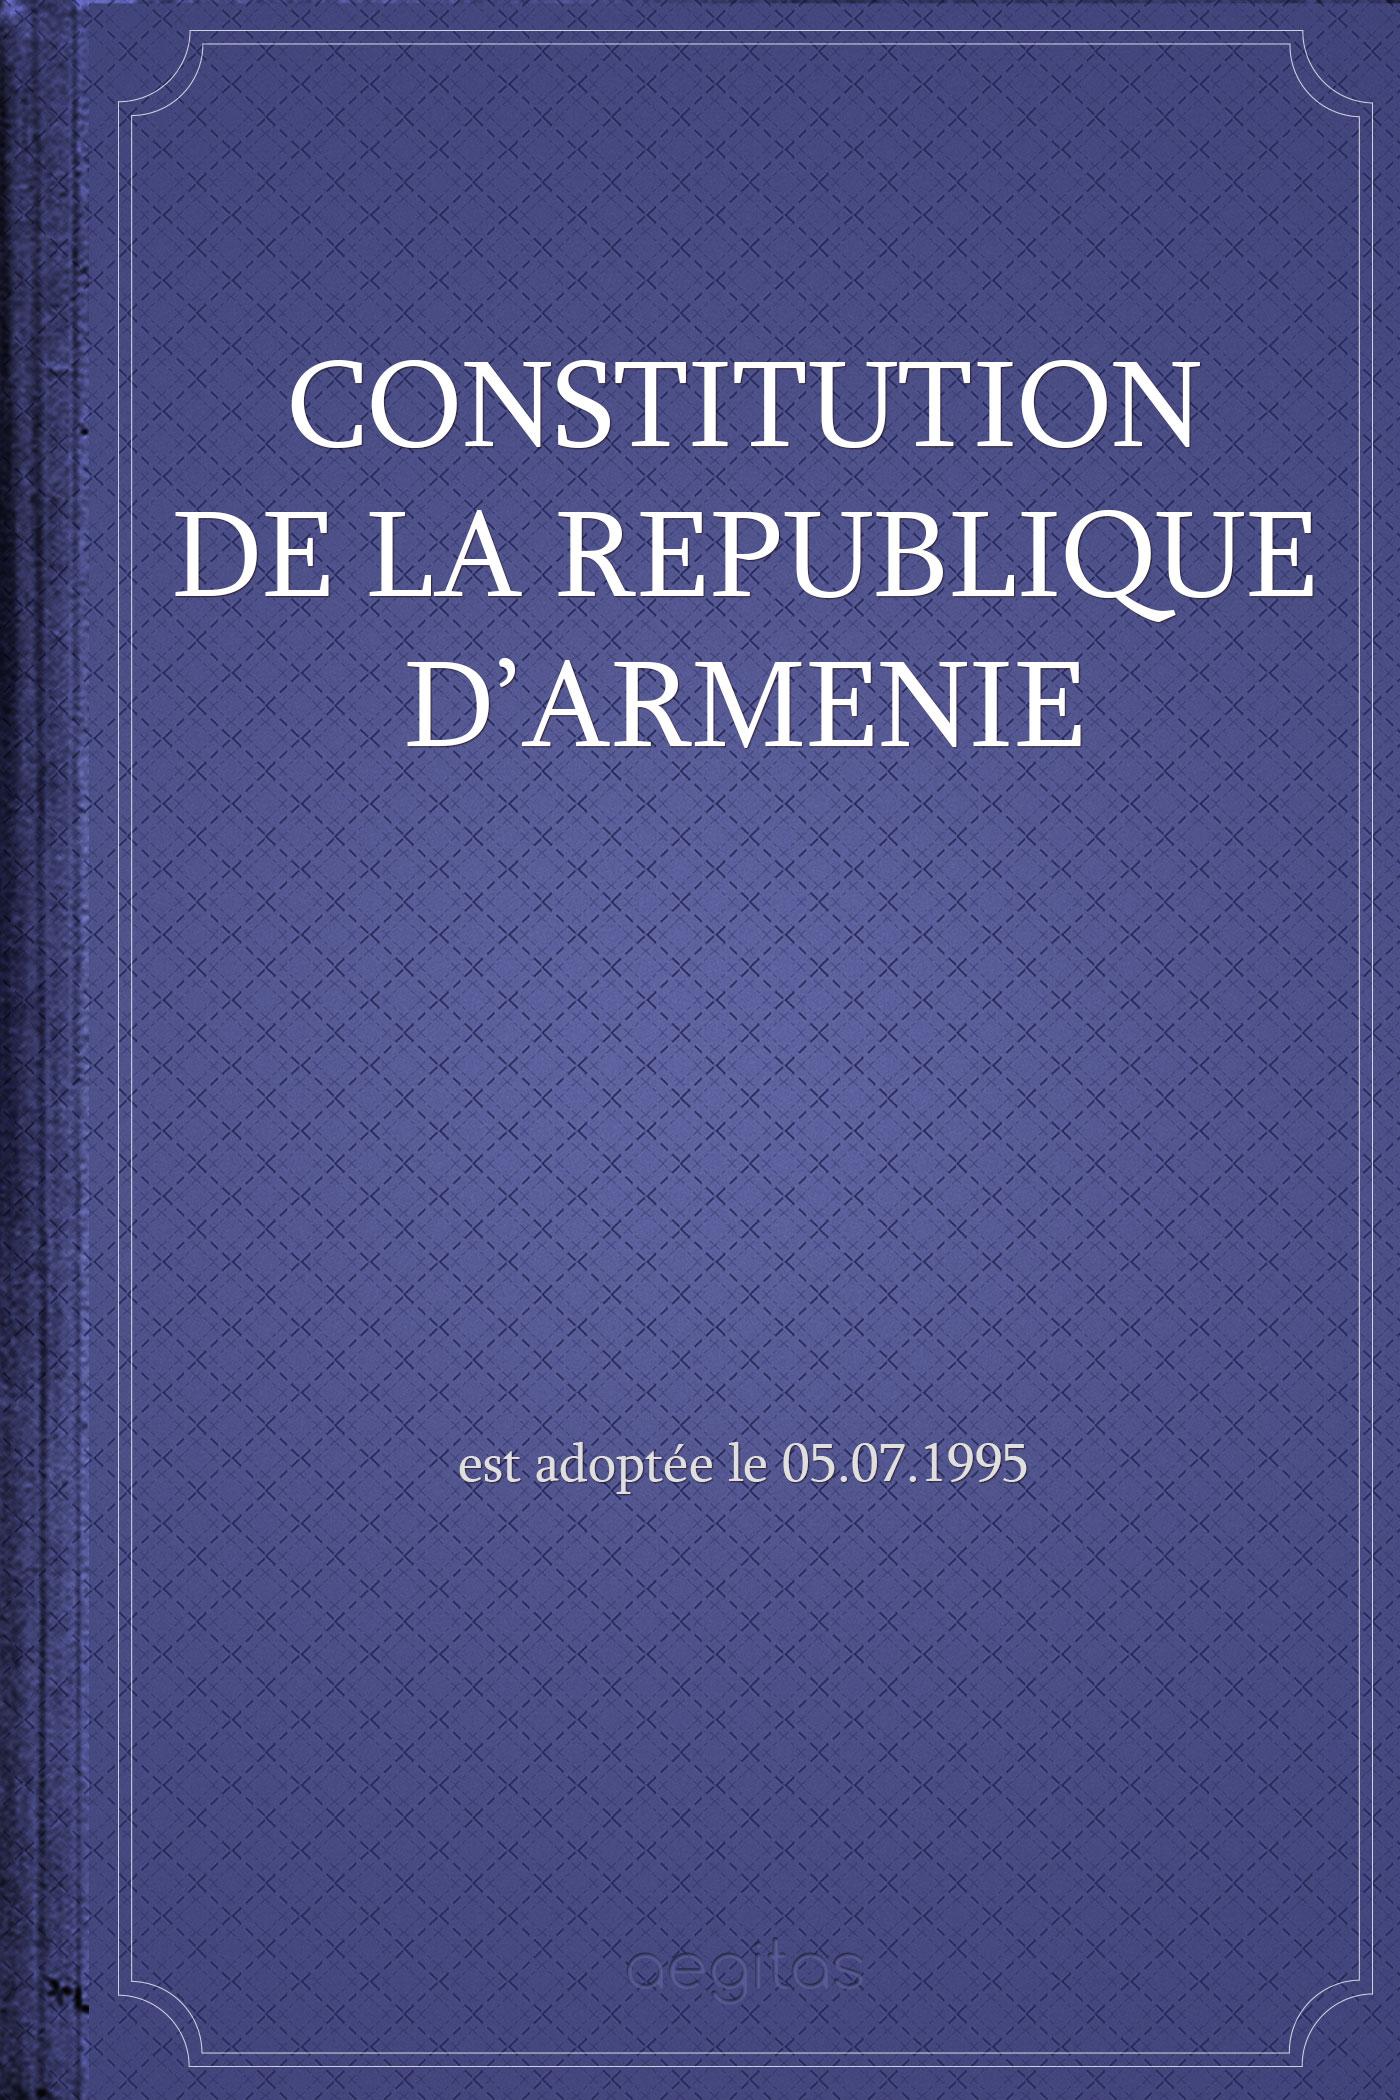 Республика Армения Constitution de la République d'Arménie все цены